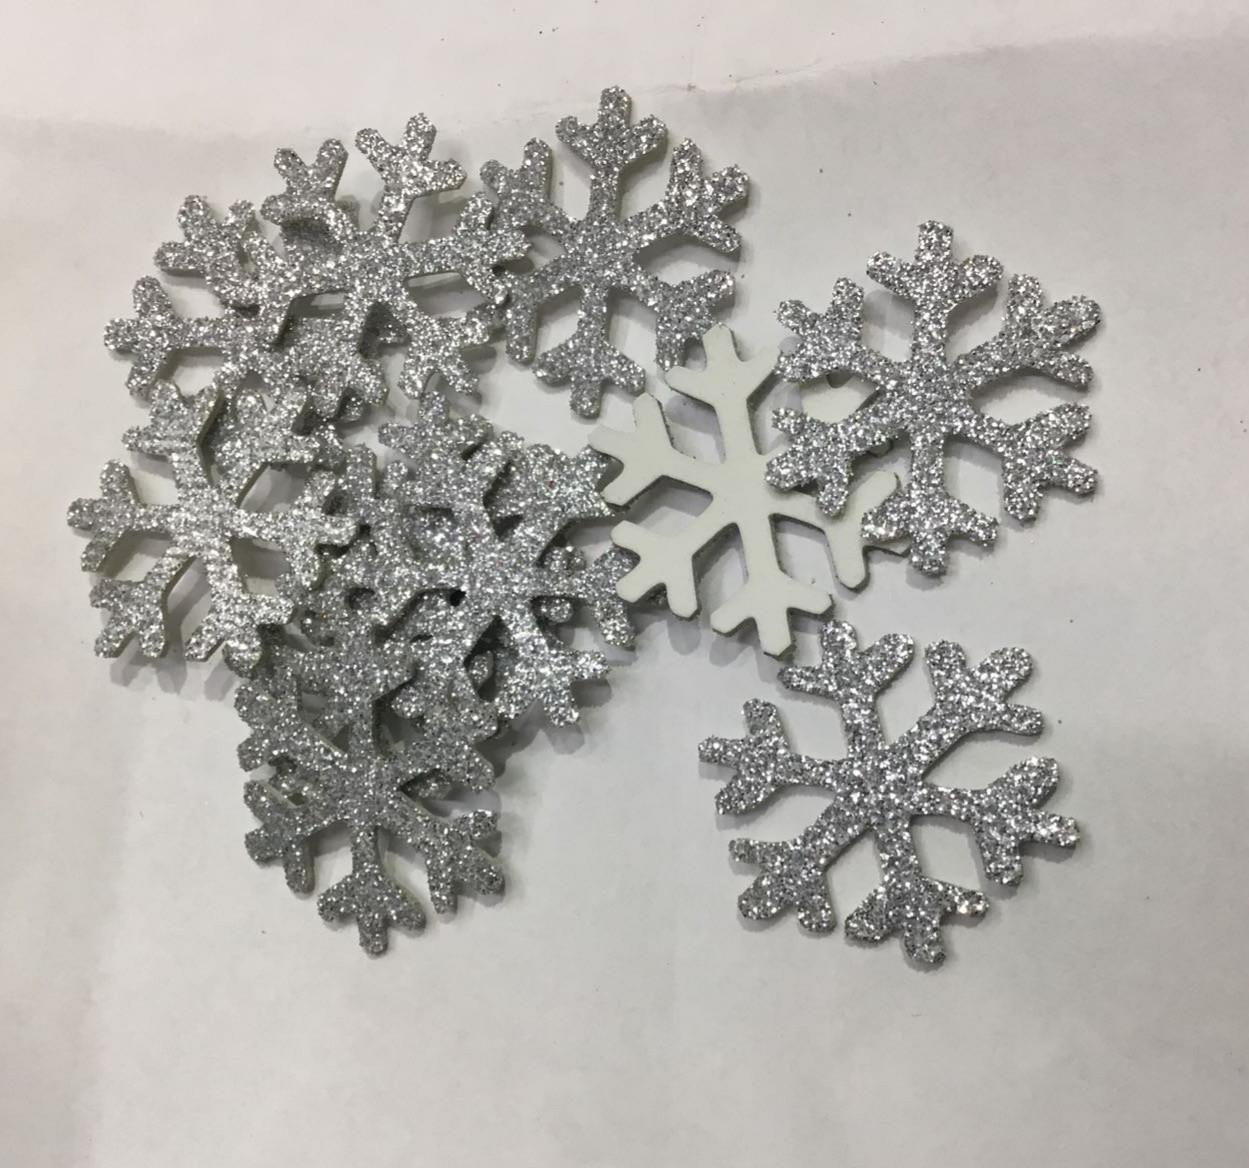 Снежинки из фоамирана, серебряные, 4 см в диаметре, набор 10 шт